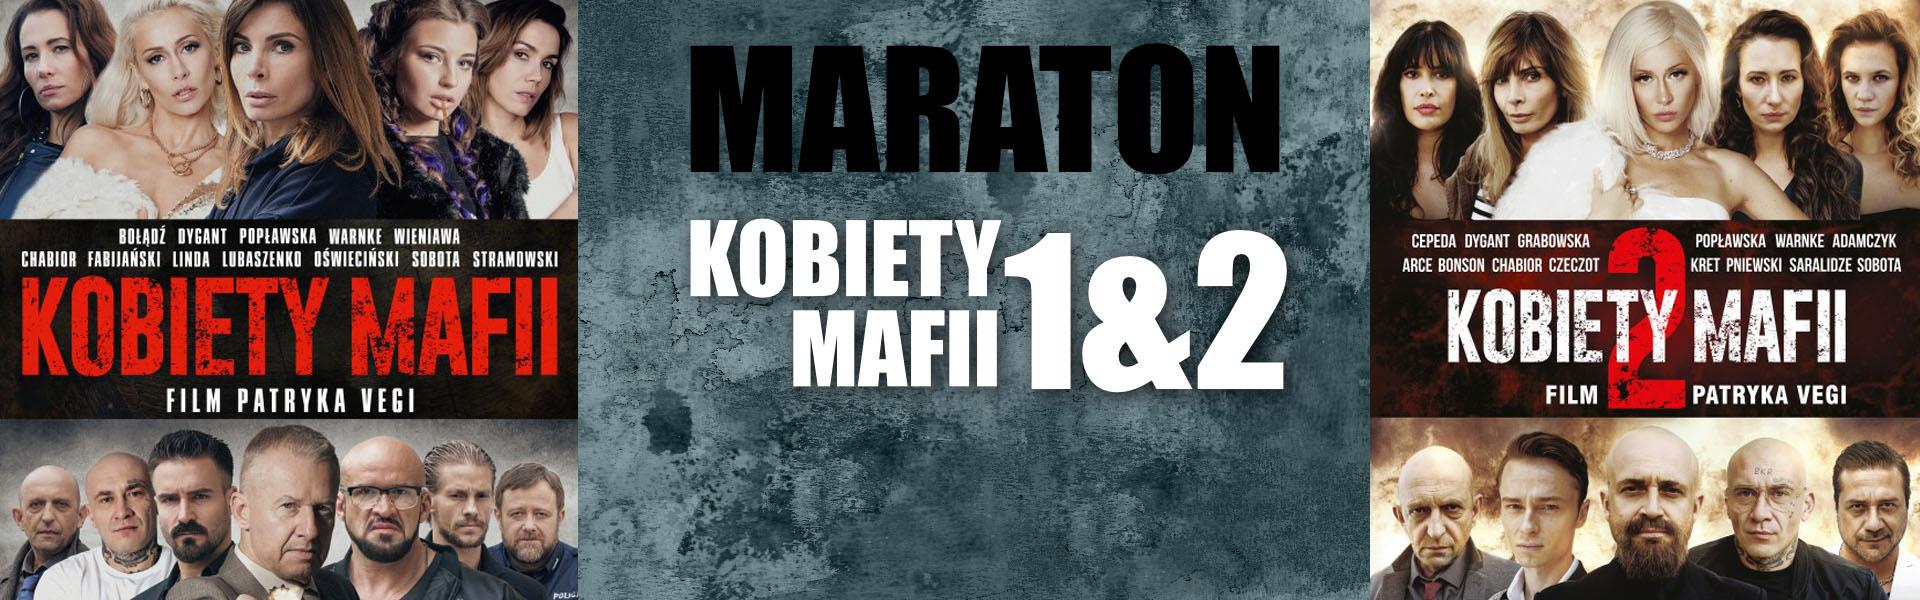 MARATON Kobiety Mafii 1 &#038; 2 <span>(PL)</span>